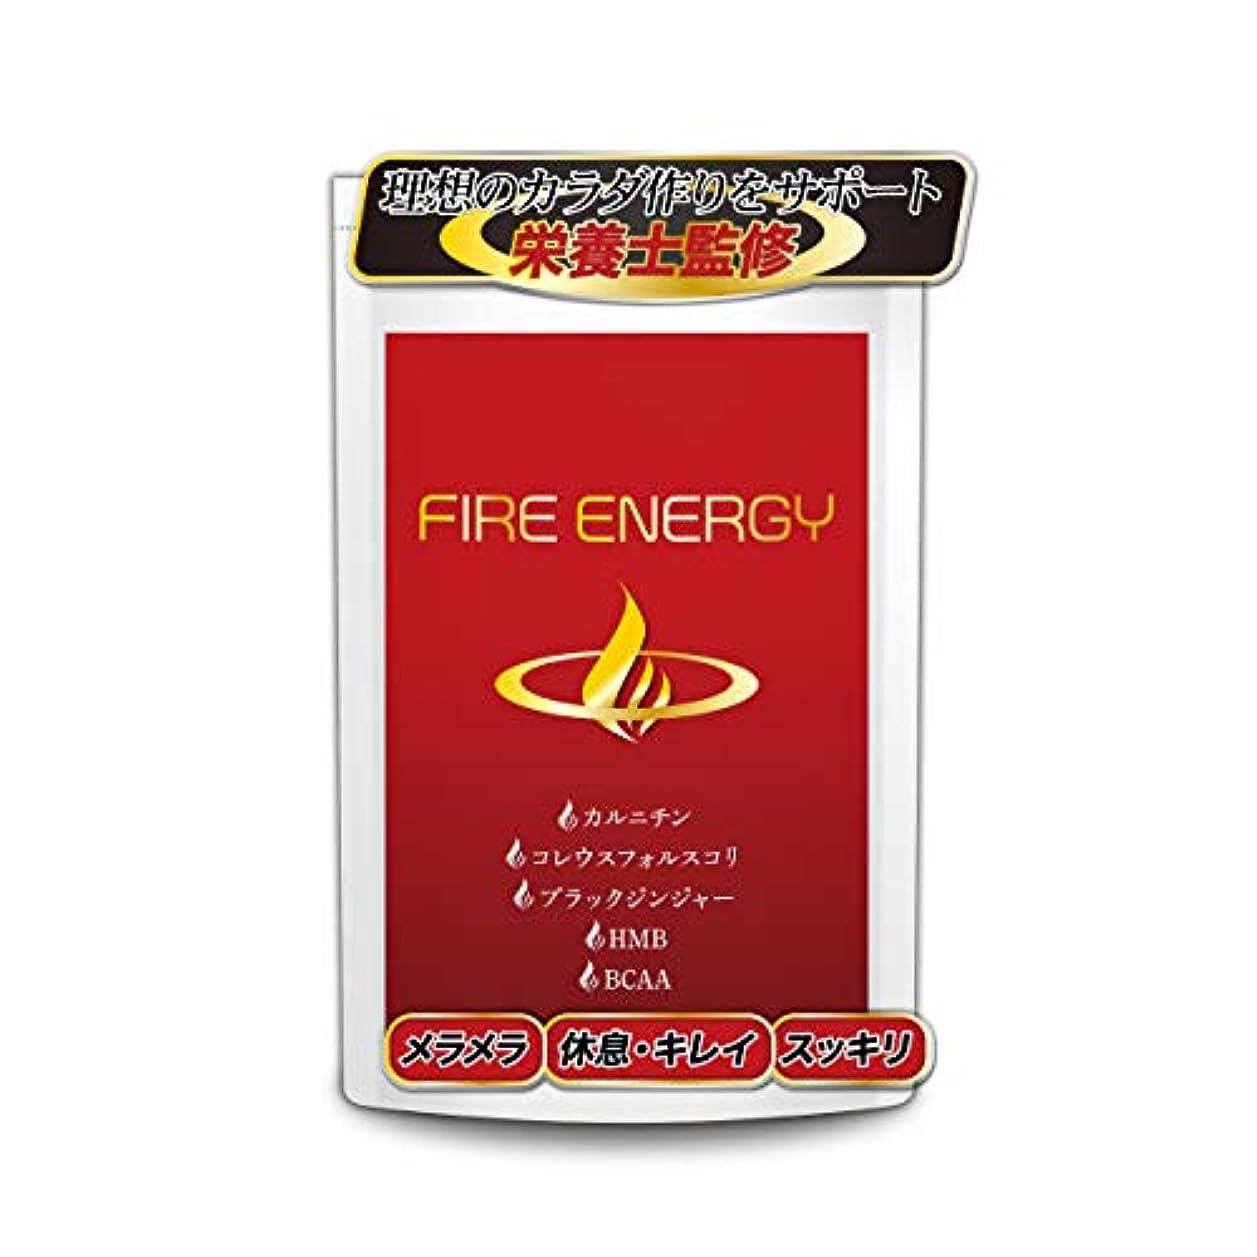 予測子適格好意FIRE ENERGY ダイエット サプリ 燃焼 HMB BCAA サプリメント(30日分60粒入り)